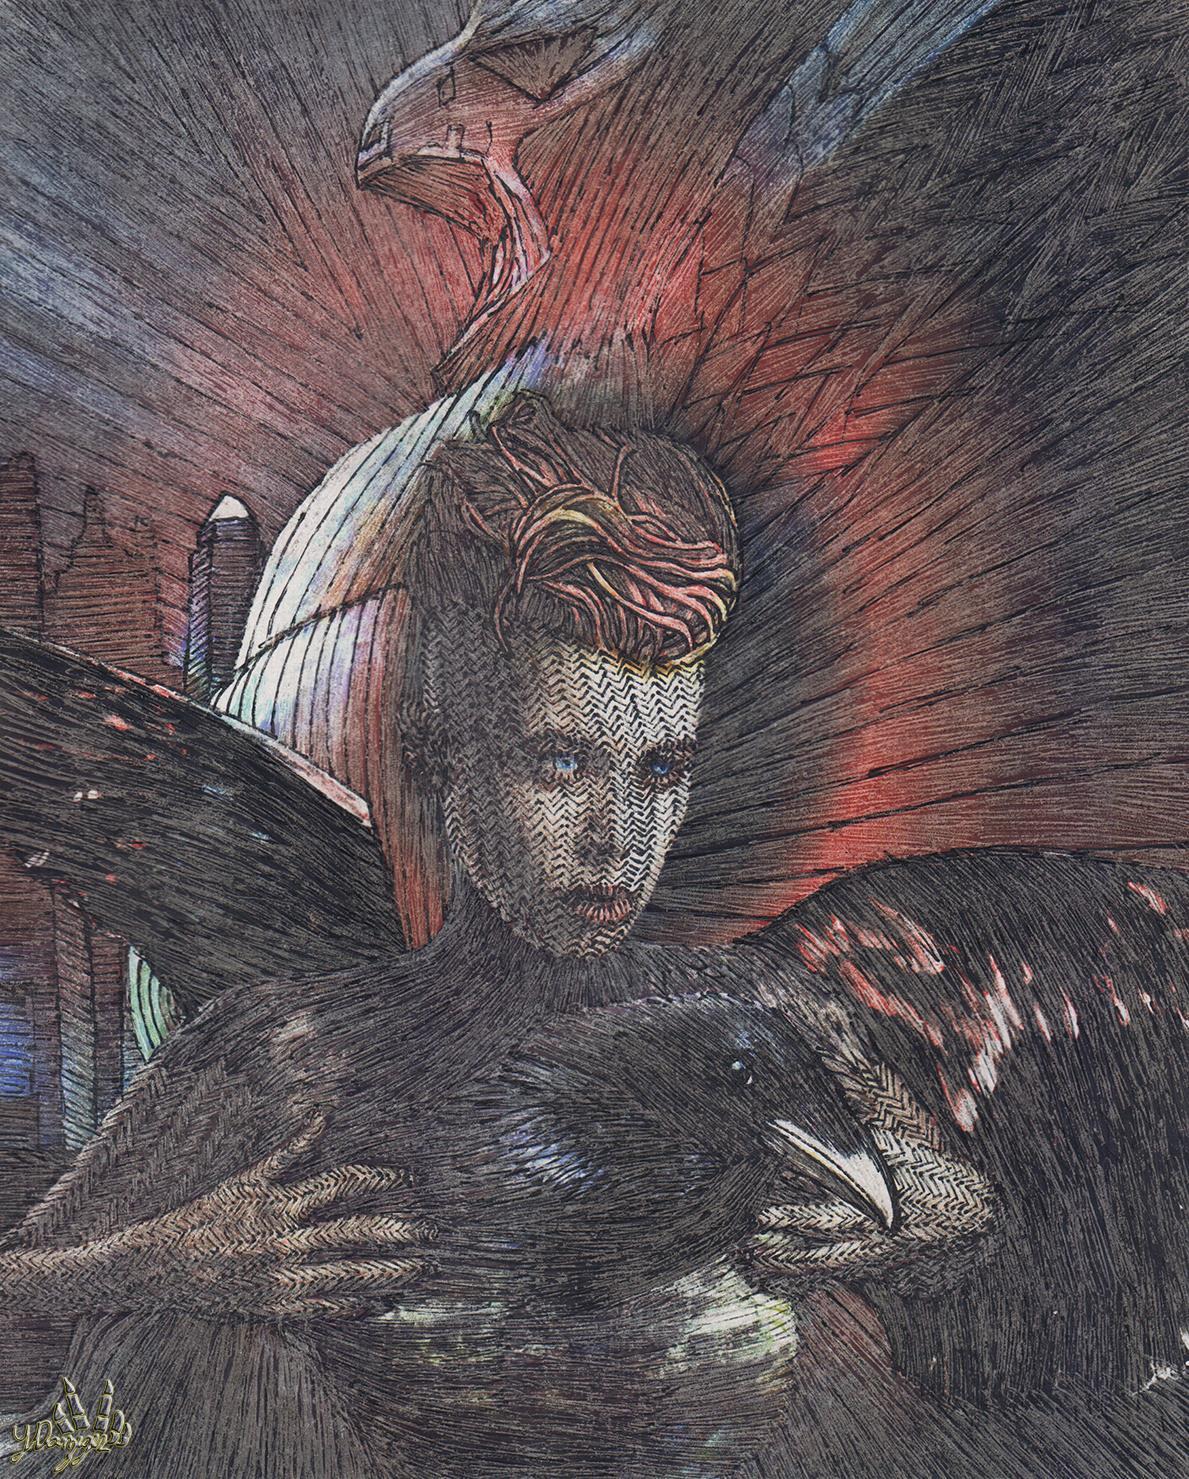 Queen Raven